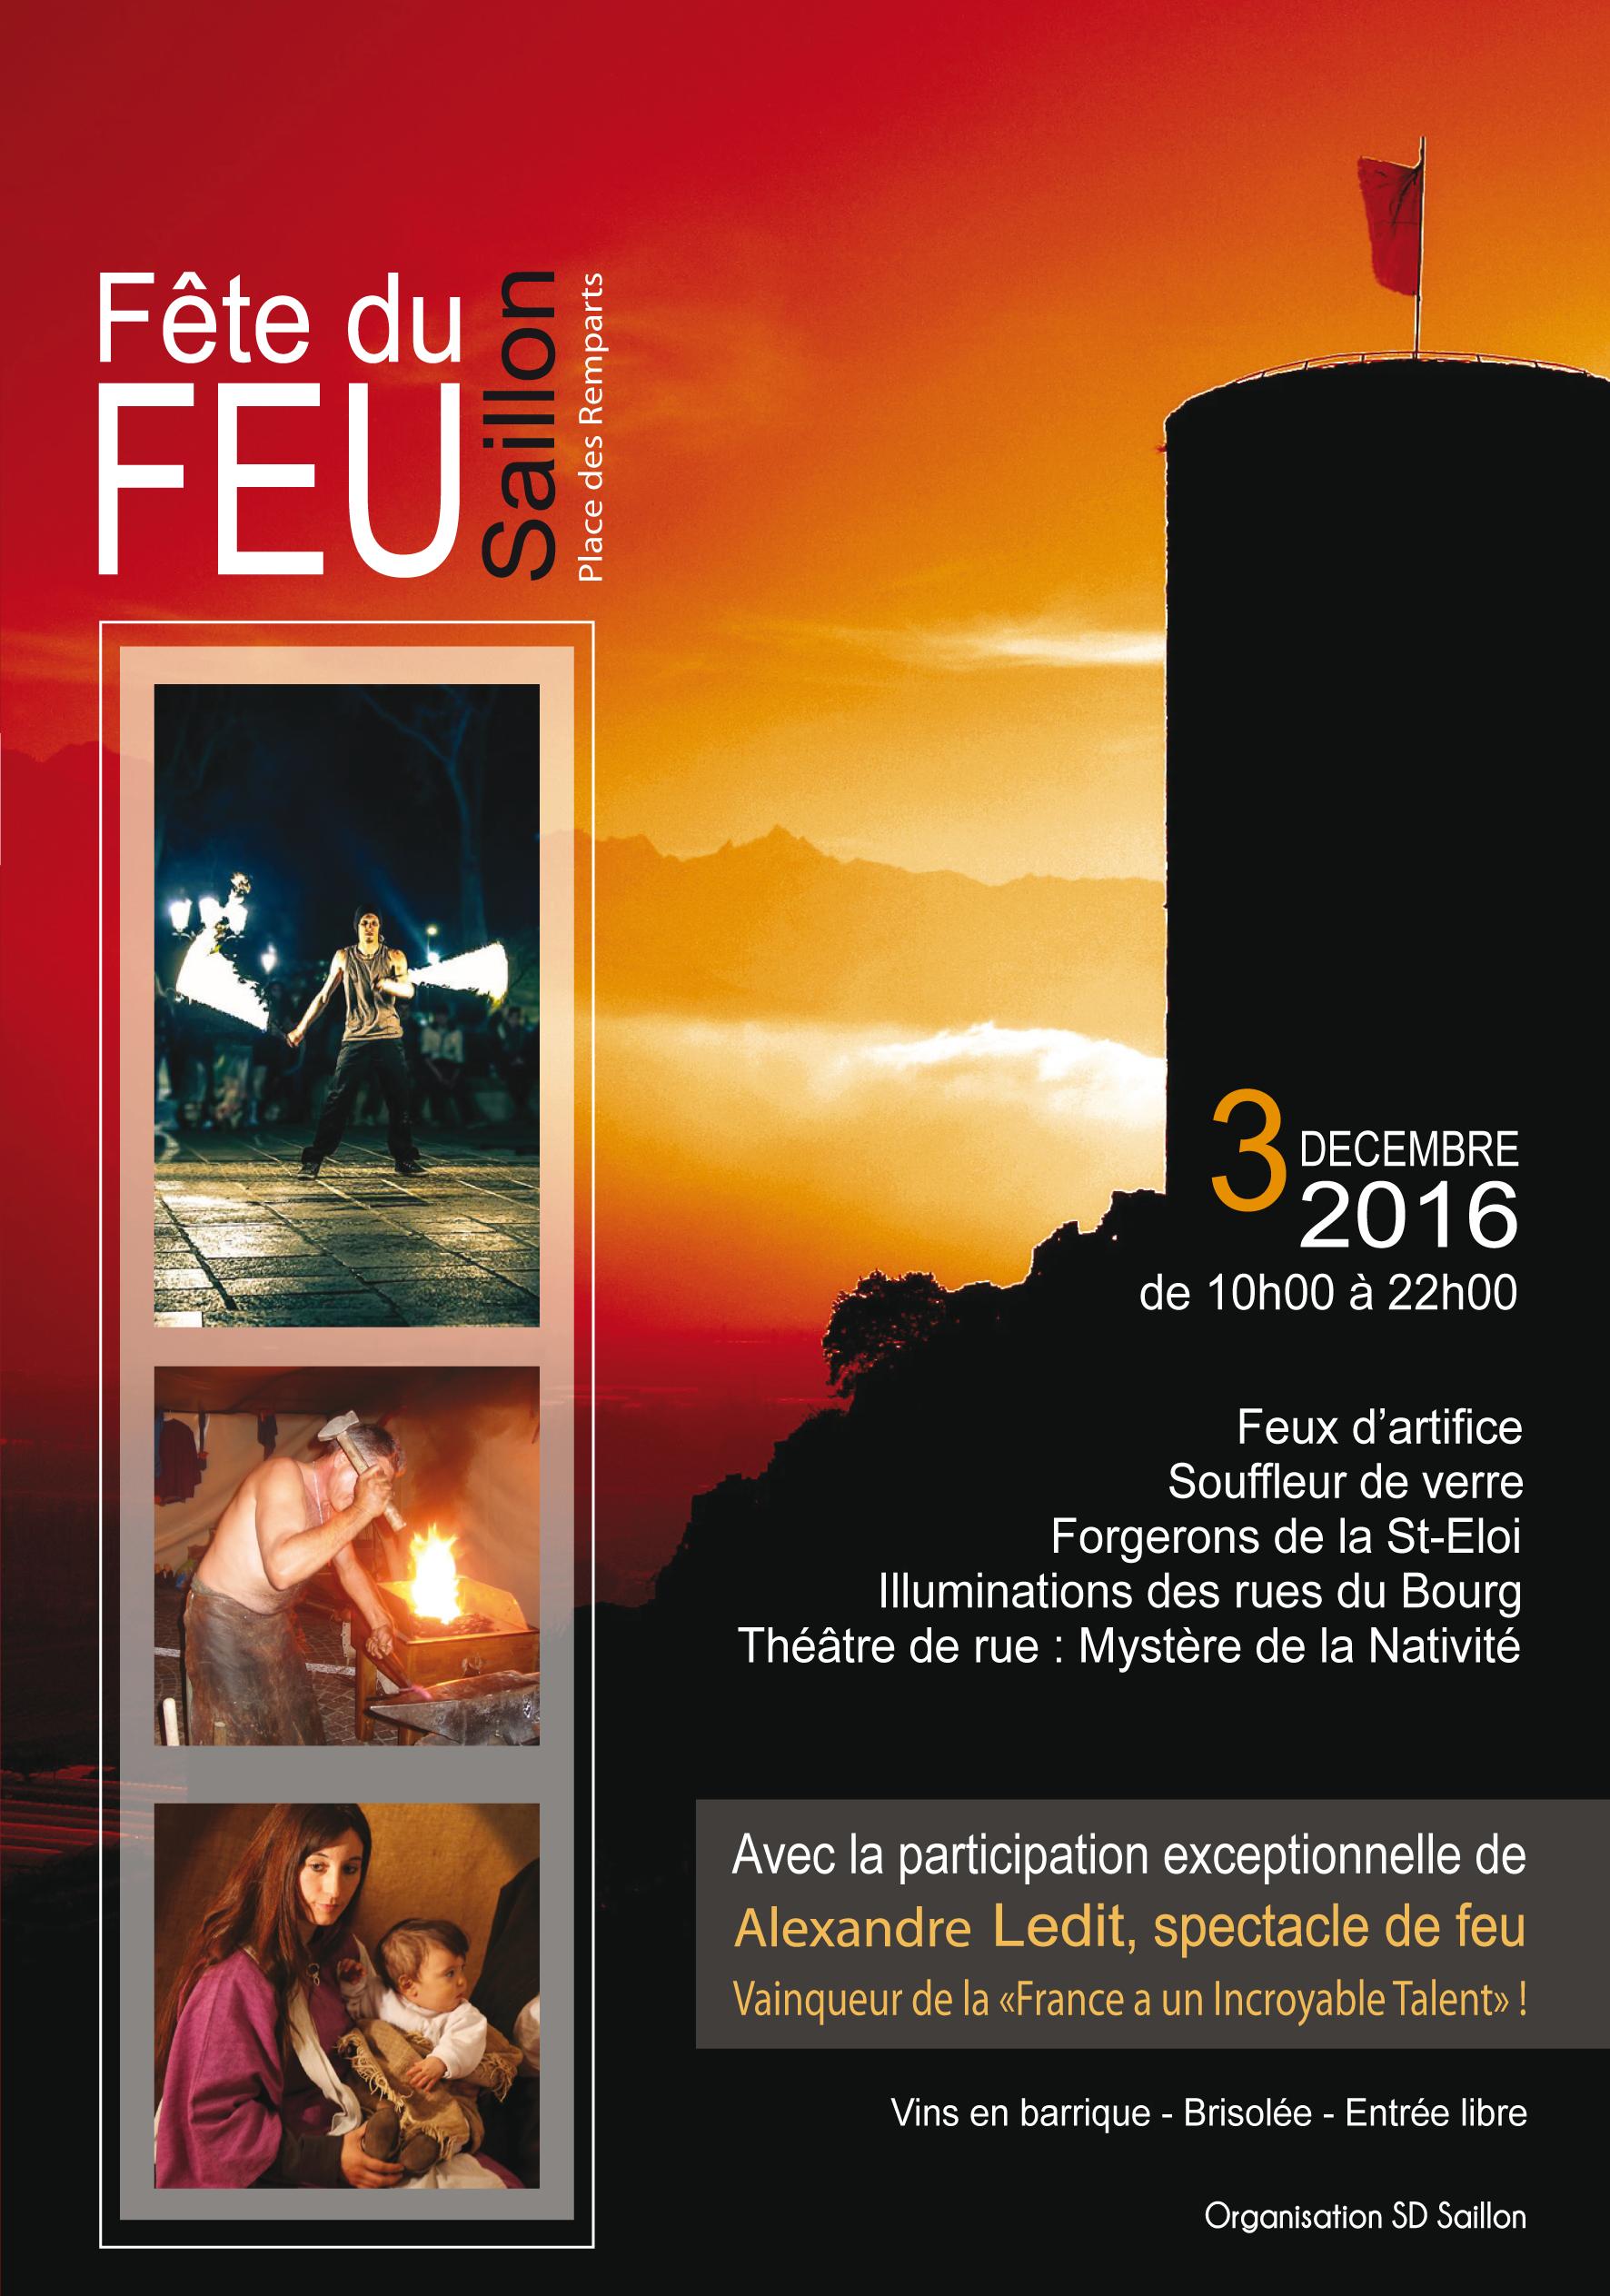 Noël médiéval et fête du feu à Saillon